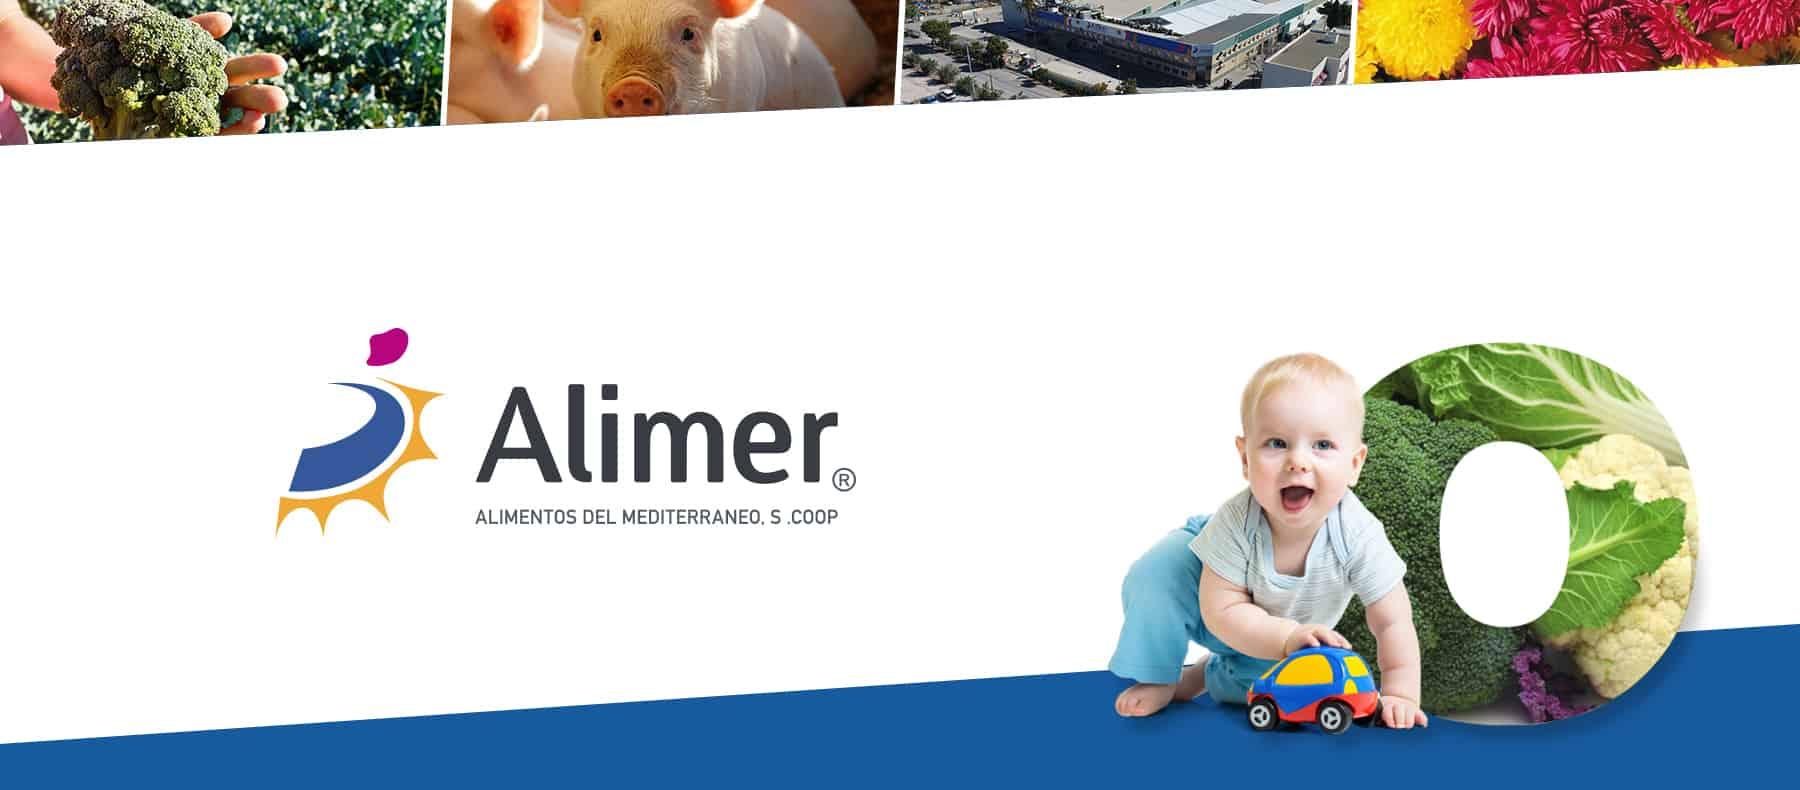 Alimer 2